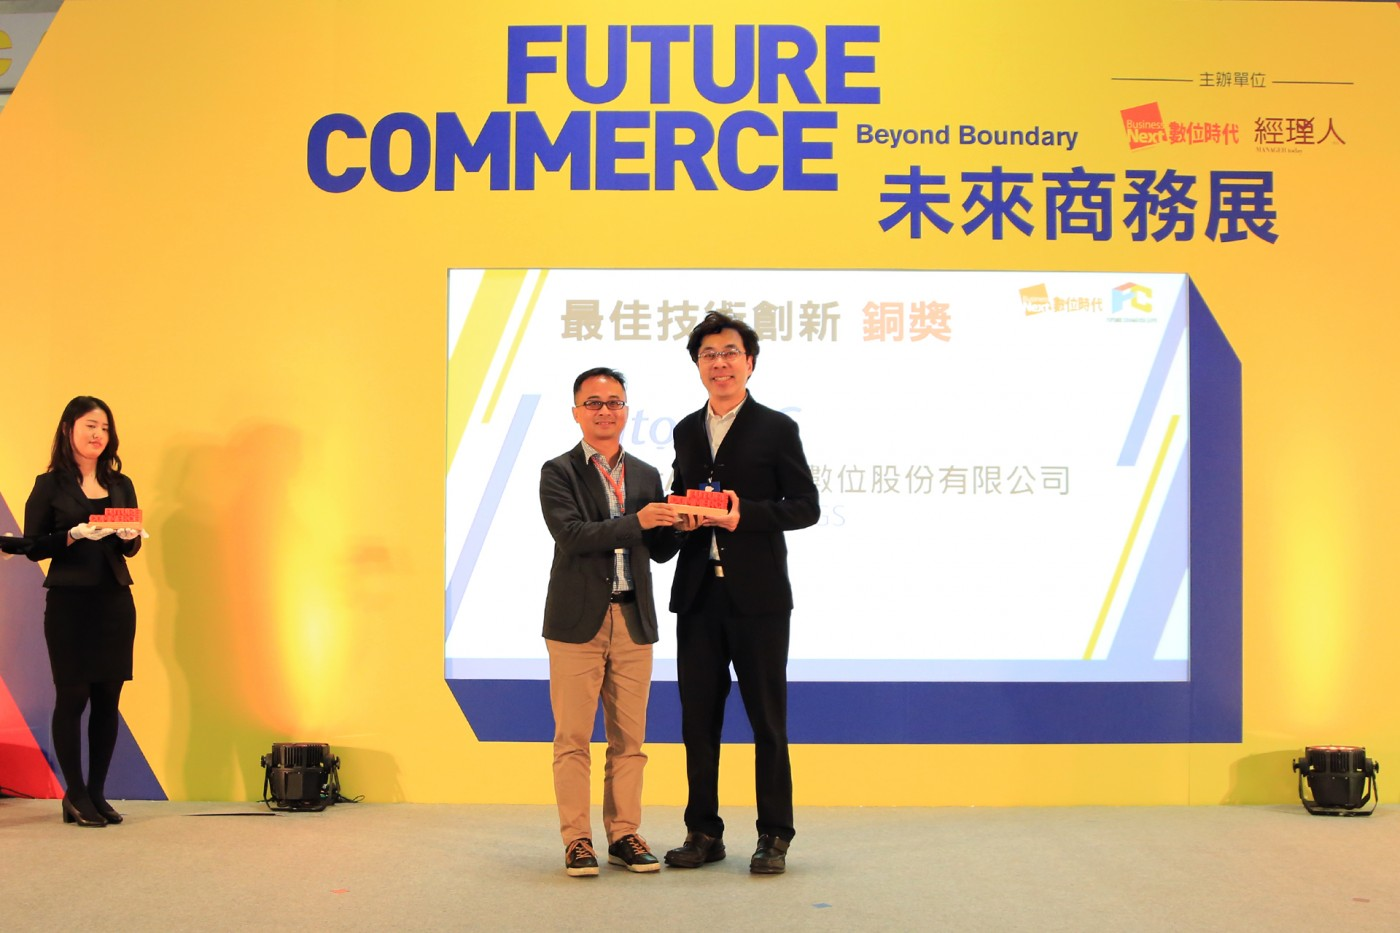 TutorABC用AI打造量身定製課程  榮獲2018創新商務獎